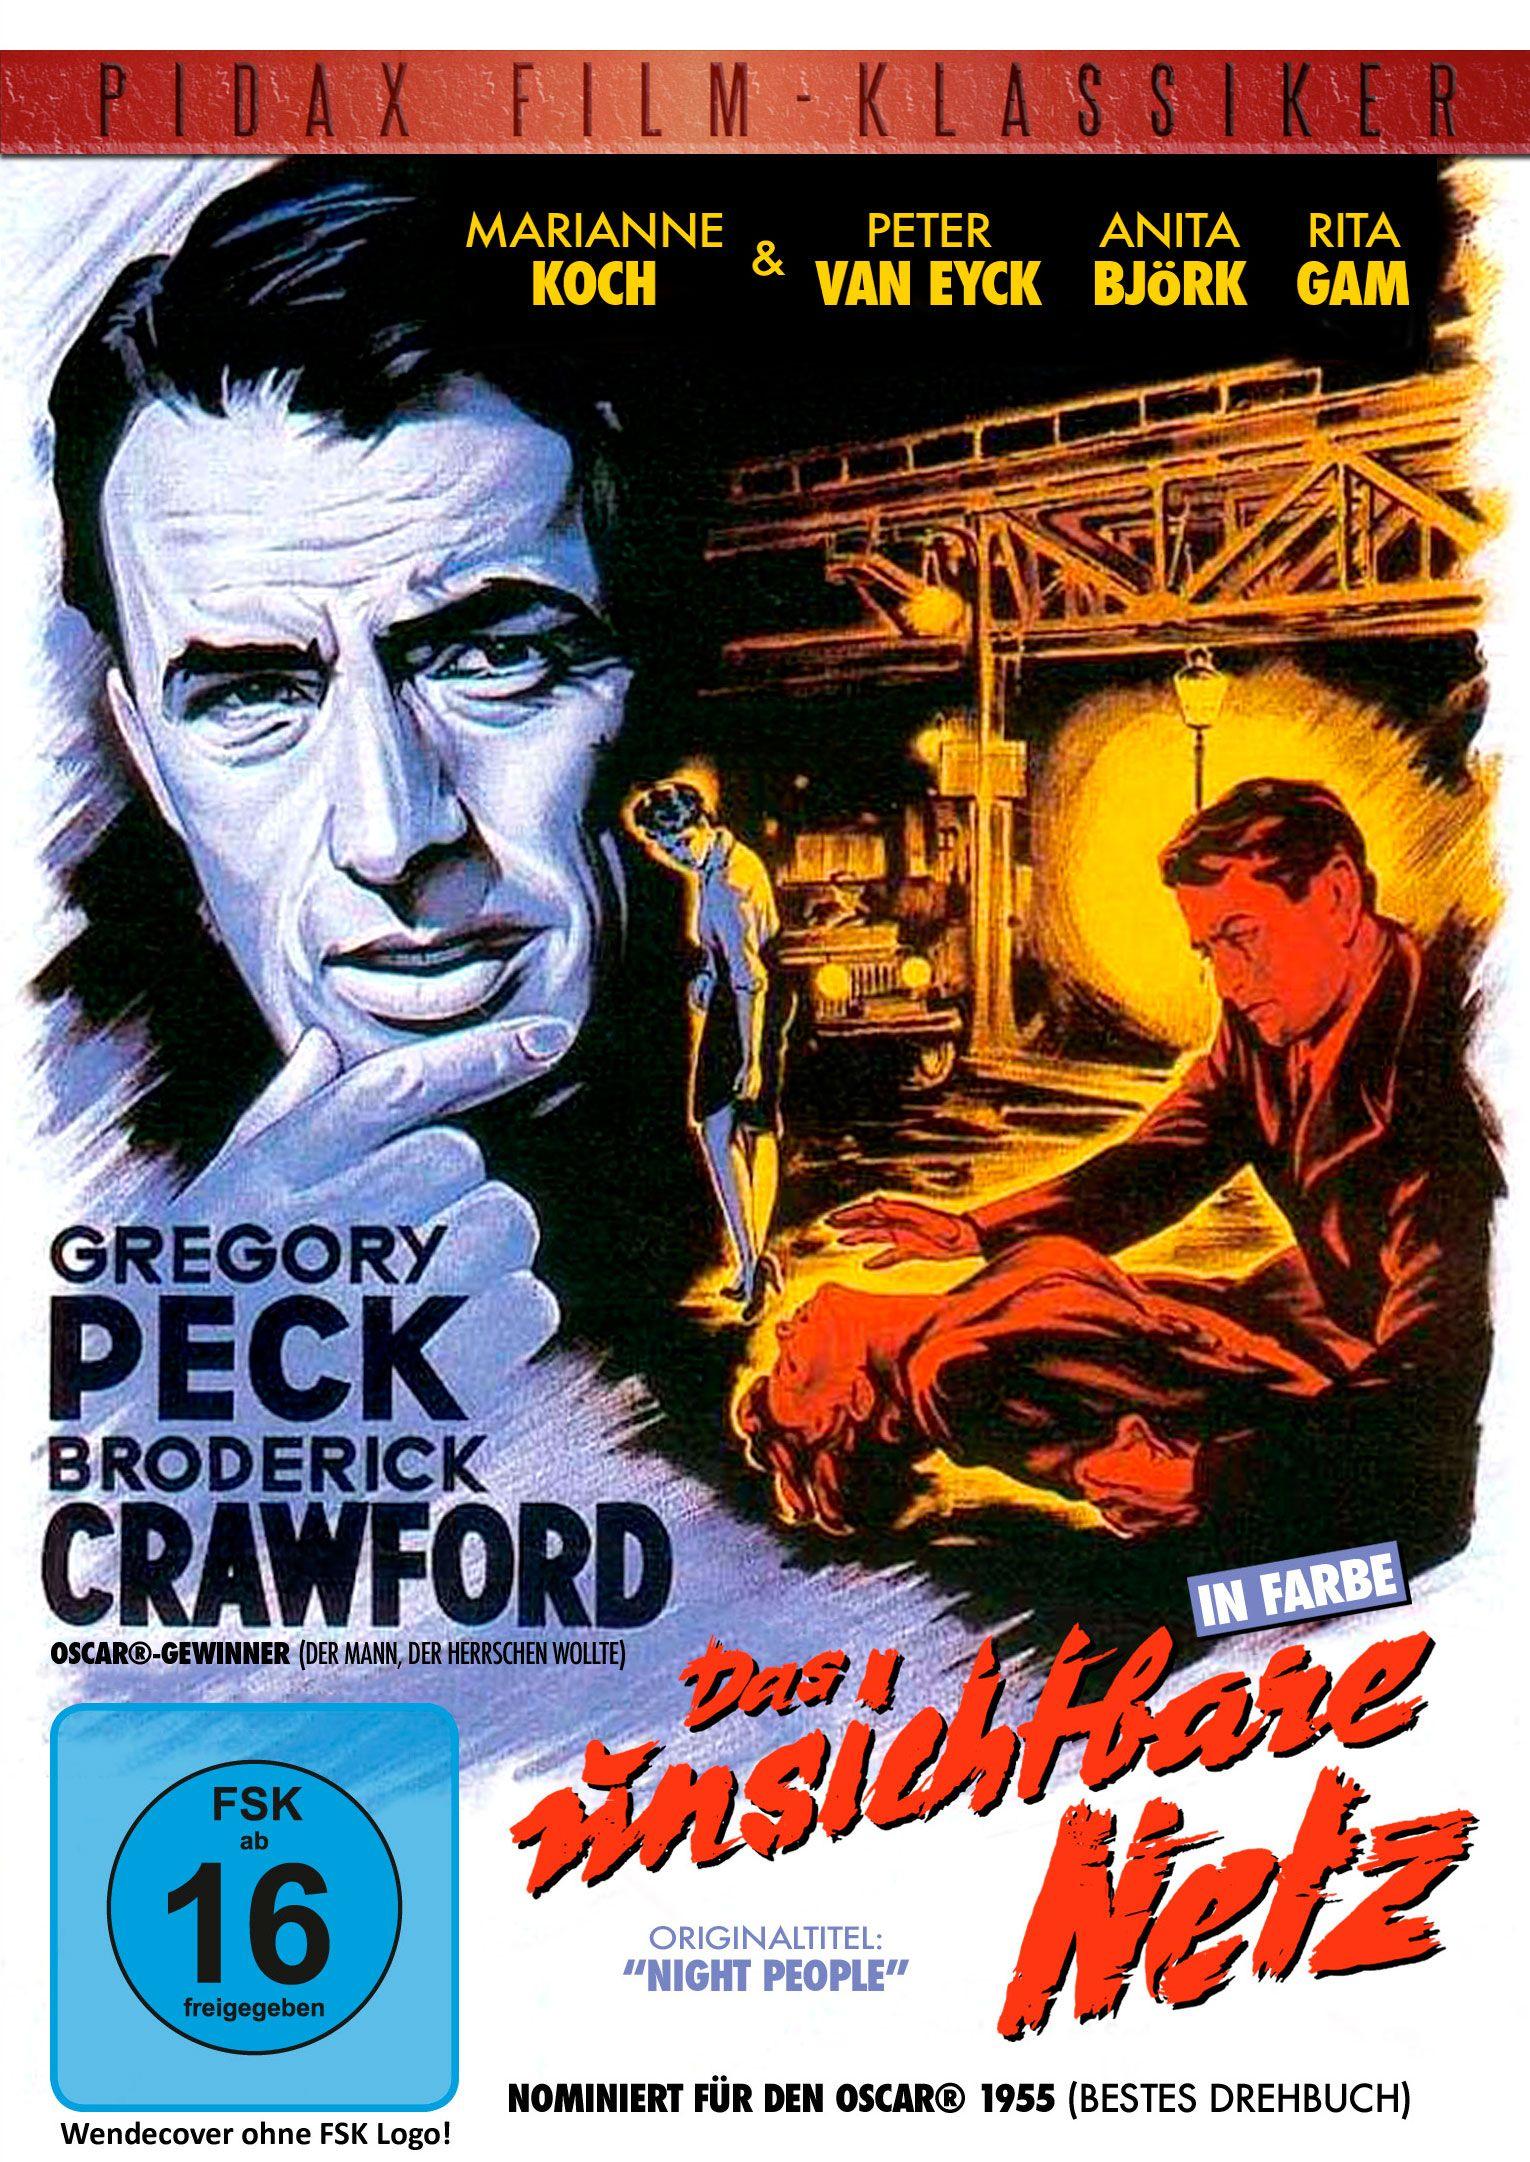 Spannender Agentenfilm mit Hollywood-Star Gregory Peck, Marianne Koch und Peter van Eyck